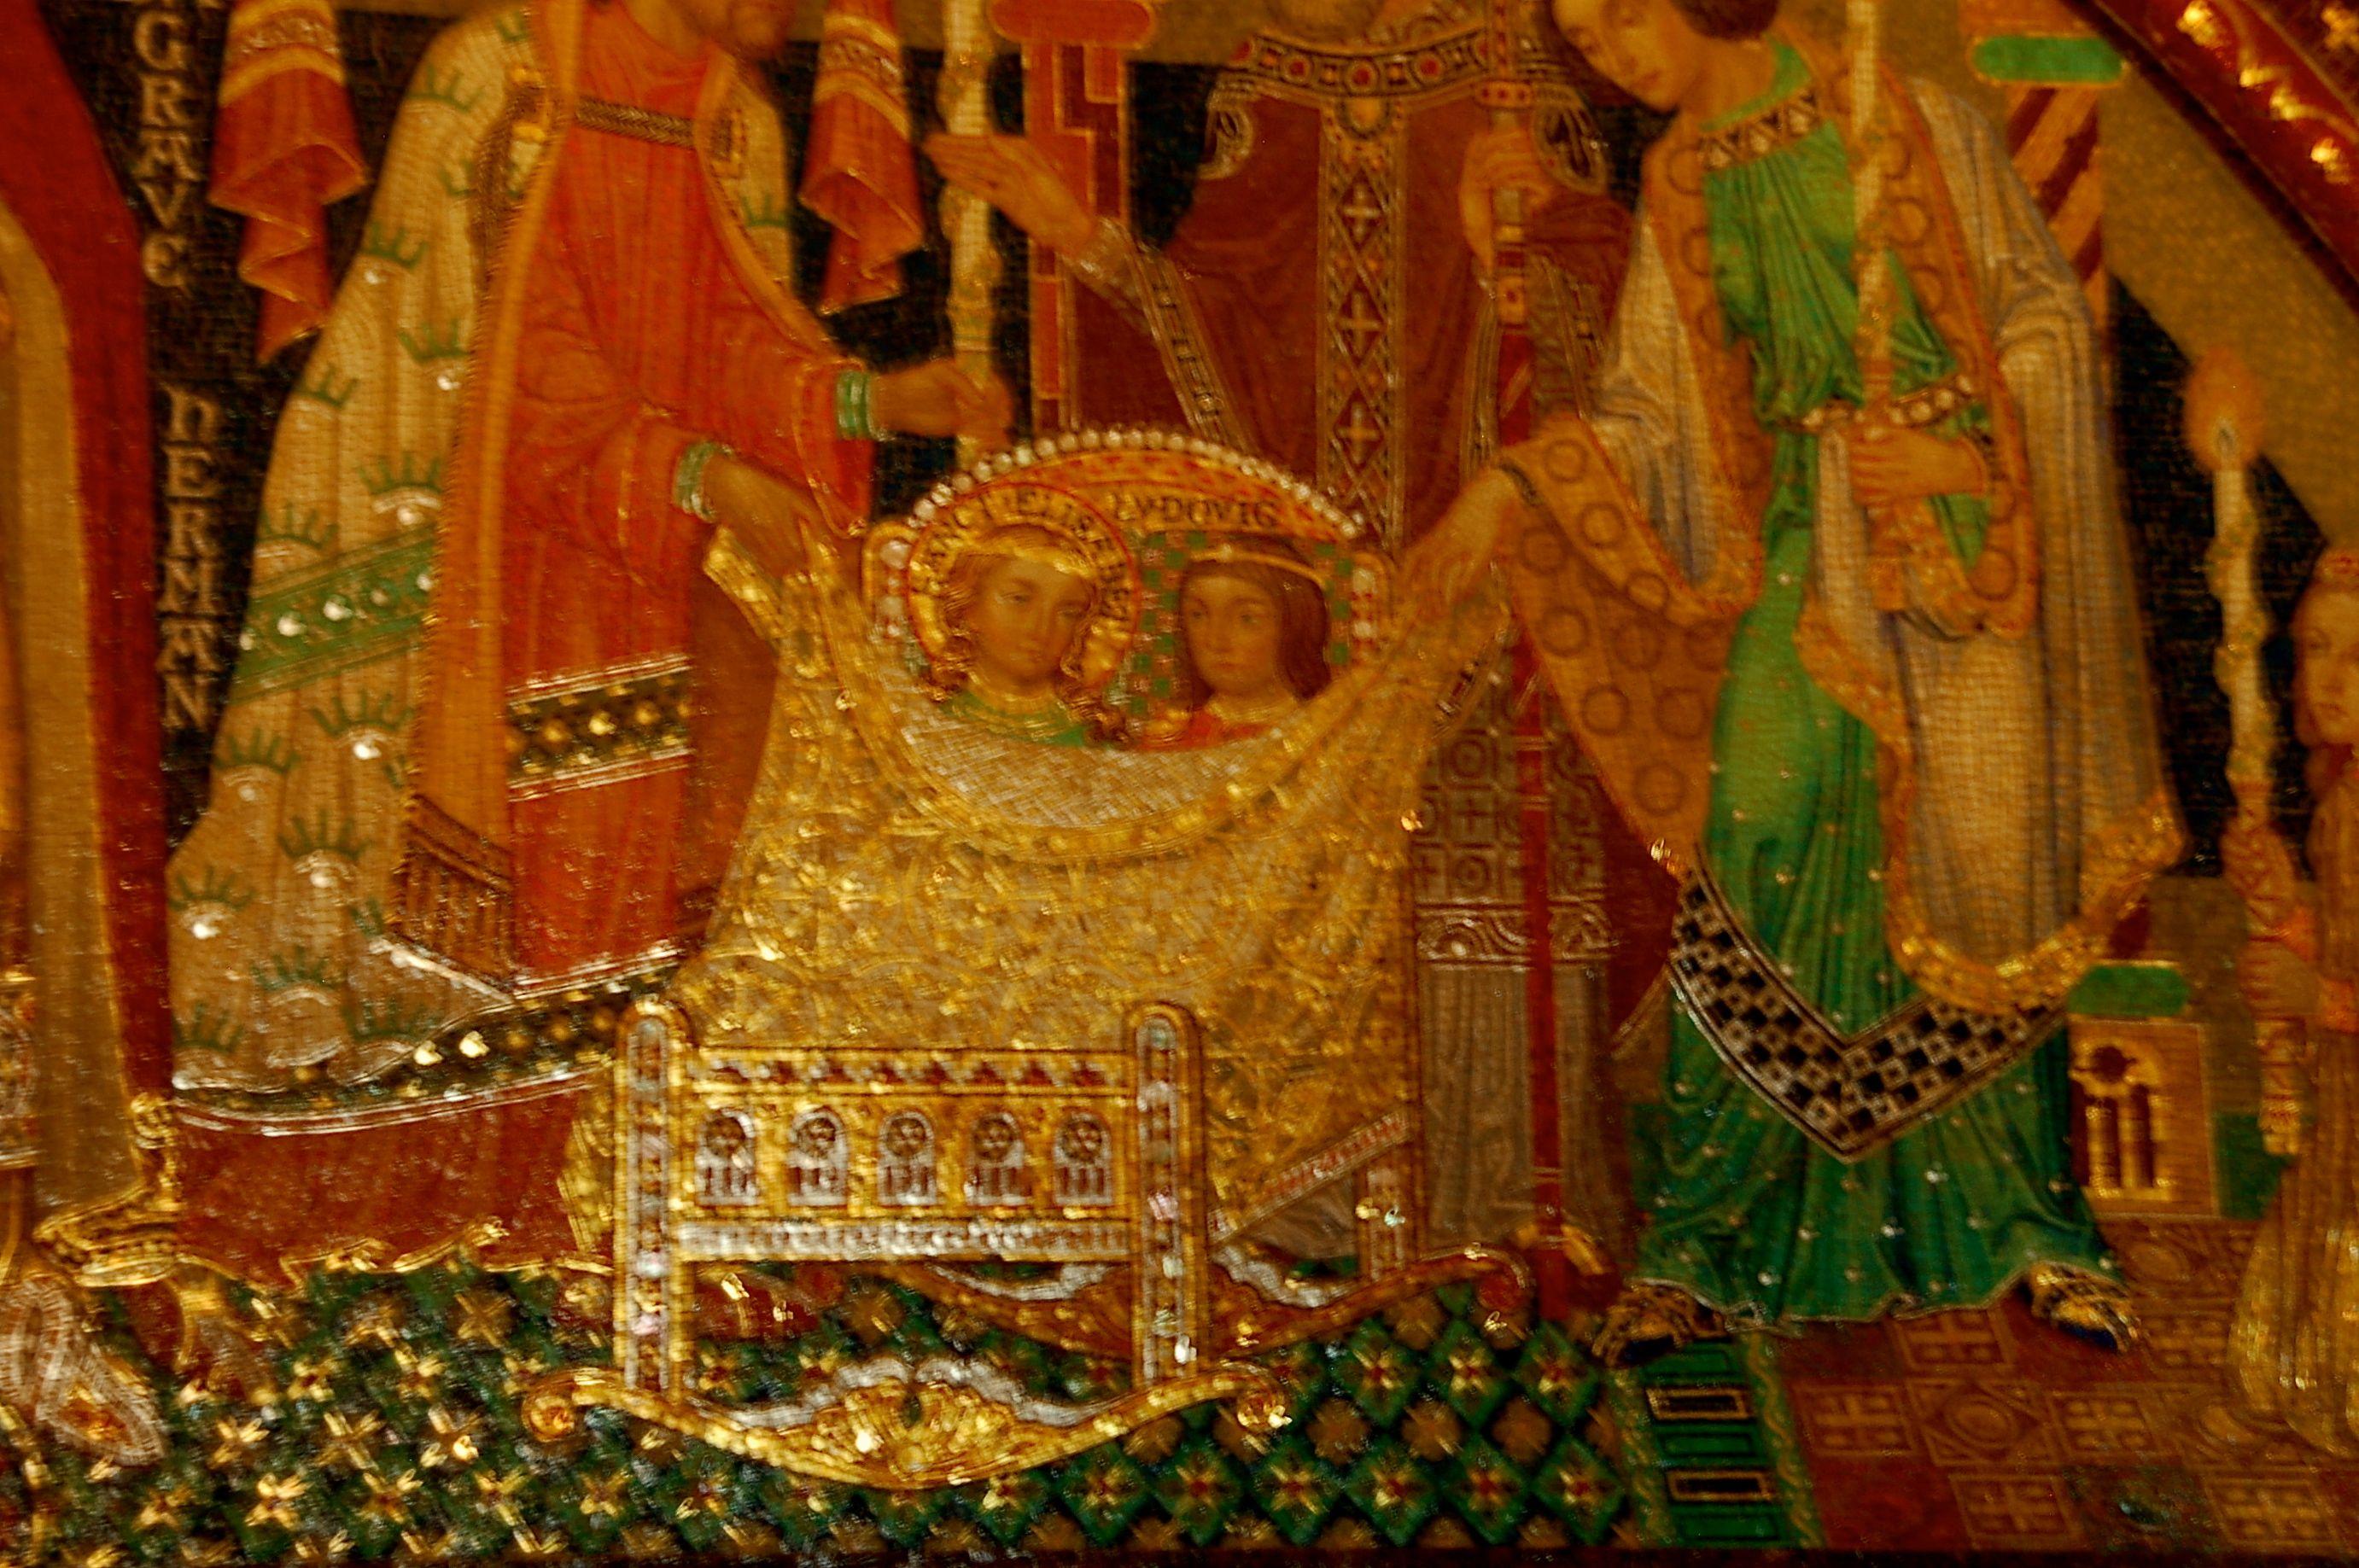 Blitz verboten, daher ist das Mosaik leider etwas unscharf: Die beiden Verlobten in der Wiege.